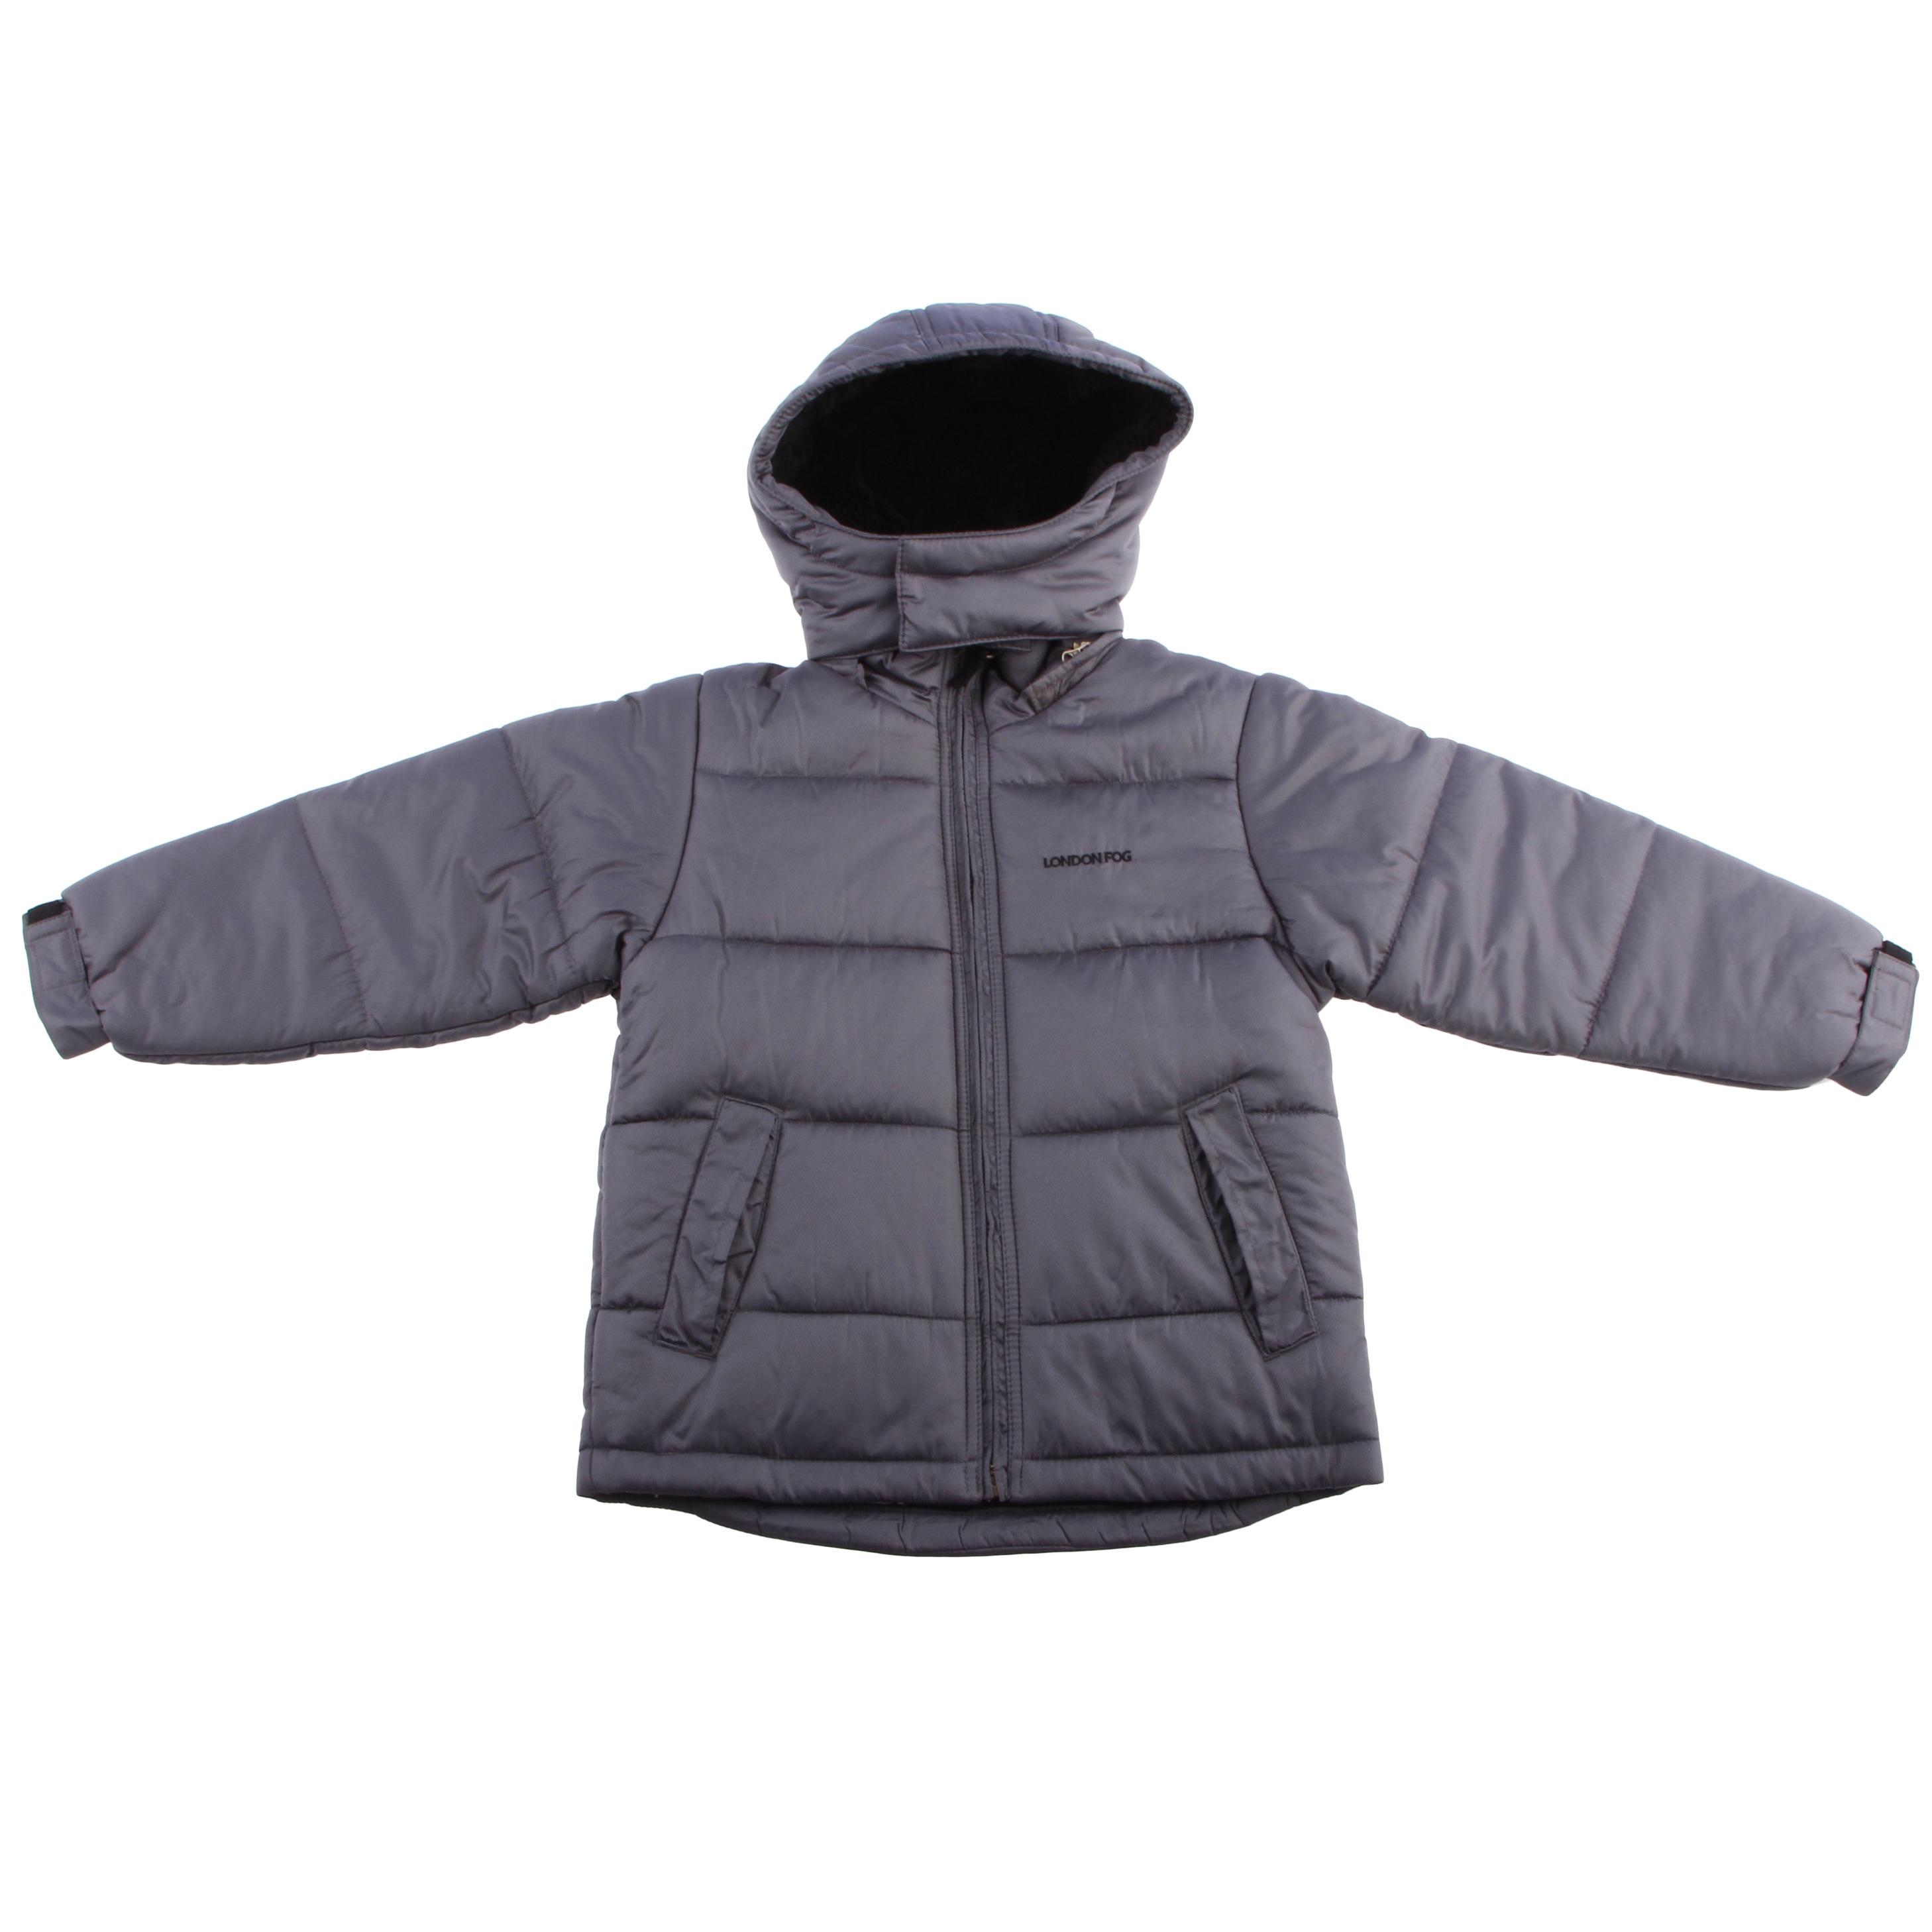 736c7874748e London Fog London Fog Boys 4 7 Faux Fur Lining Grey Jacket Grey Size ...